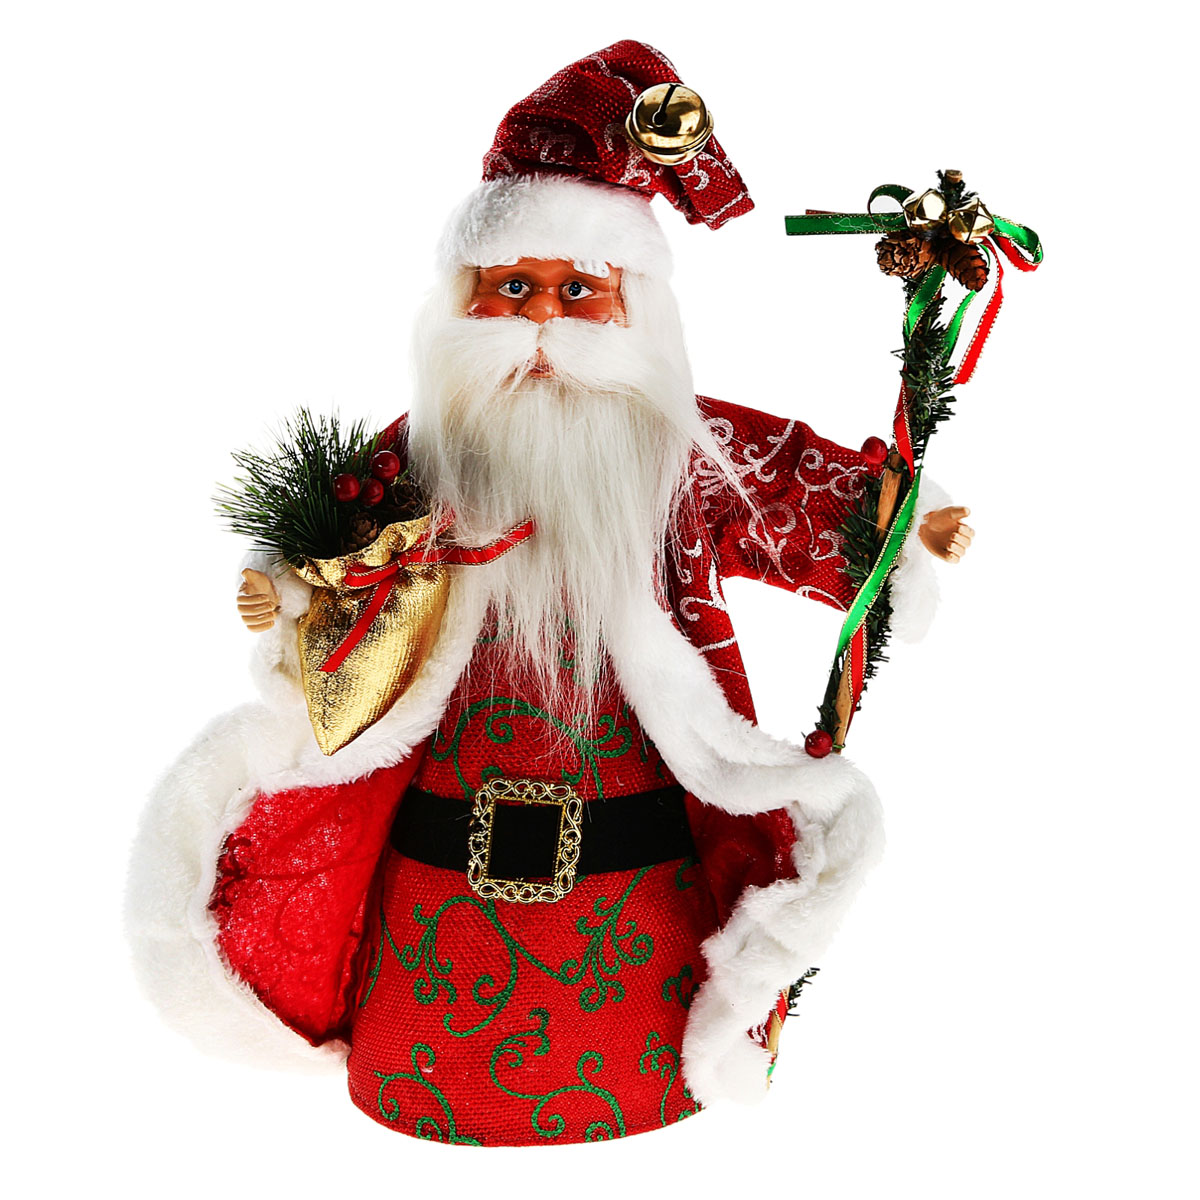 Новогодняя декоративная фигурка Sima-land Дед Мороз с гостинцами, высота 39 см игровые фигурки maxitoys фигура дед мороз в плетеном кресле музыкальный